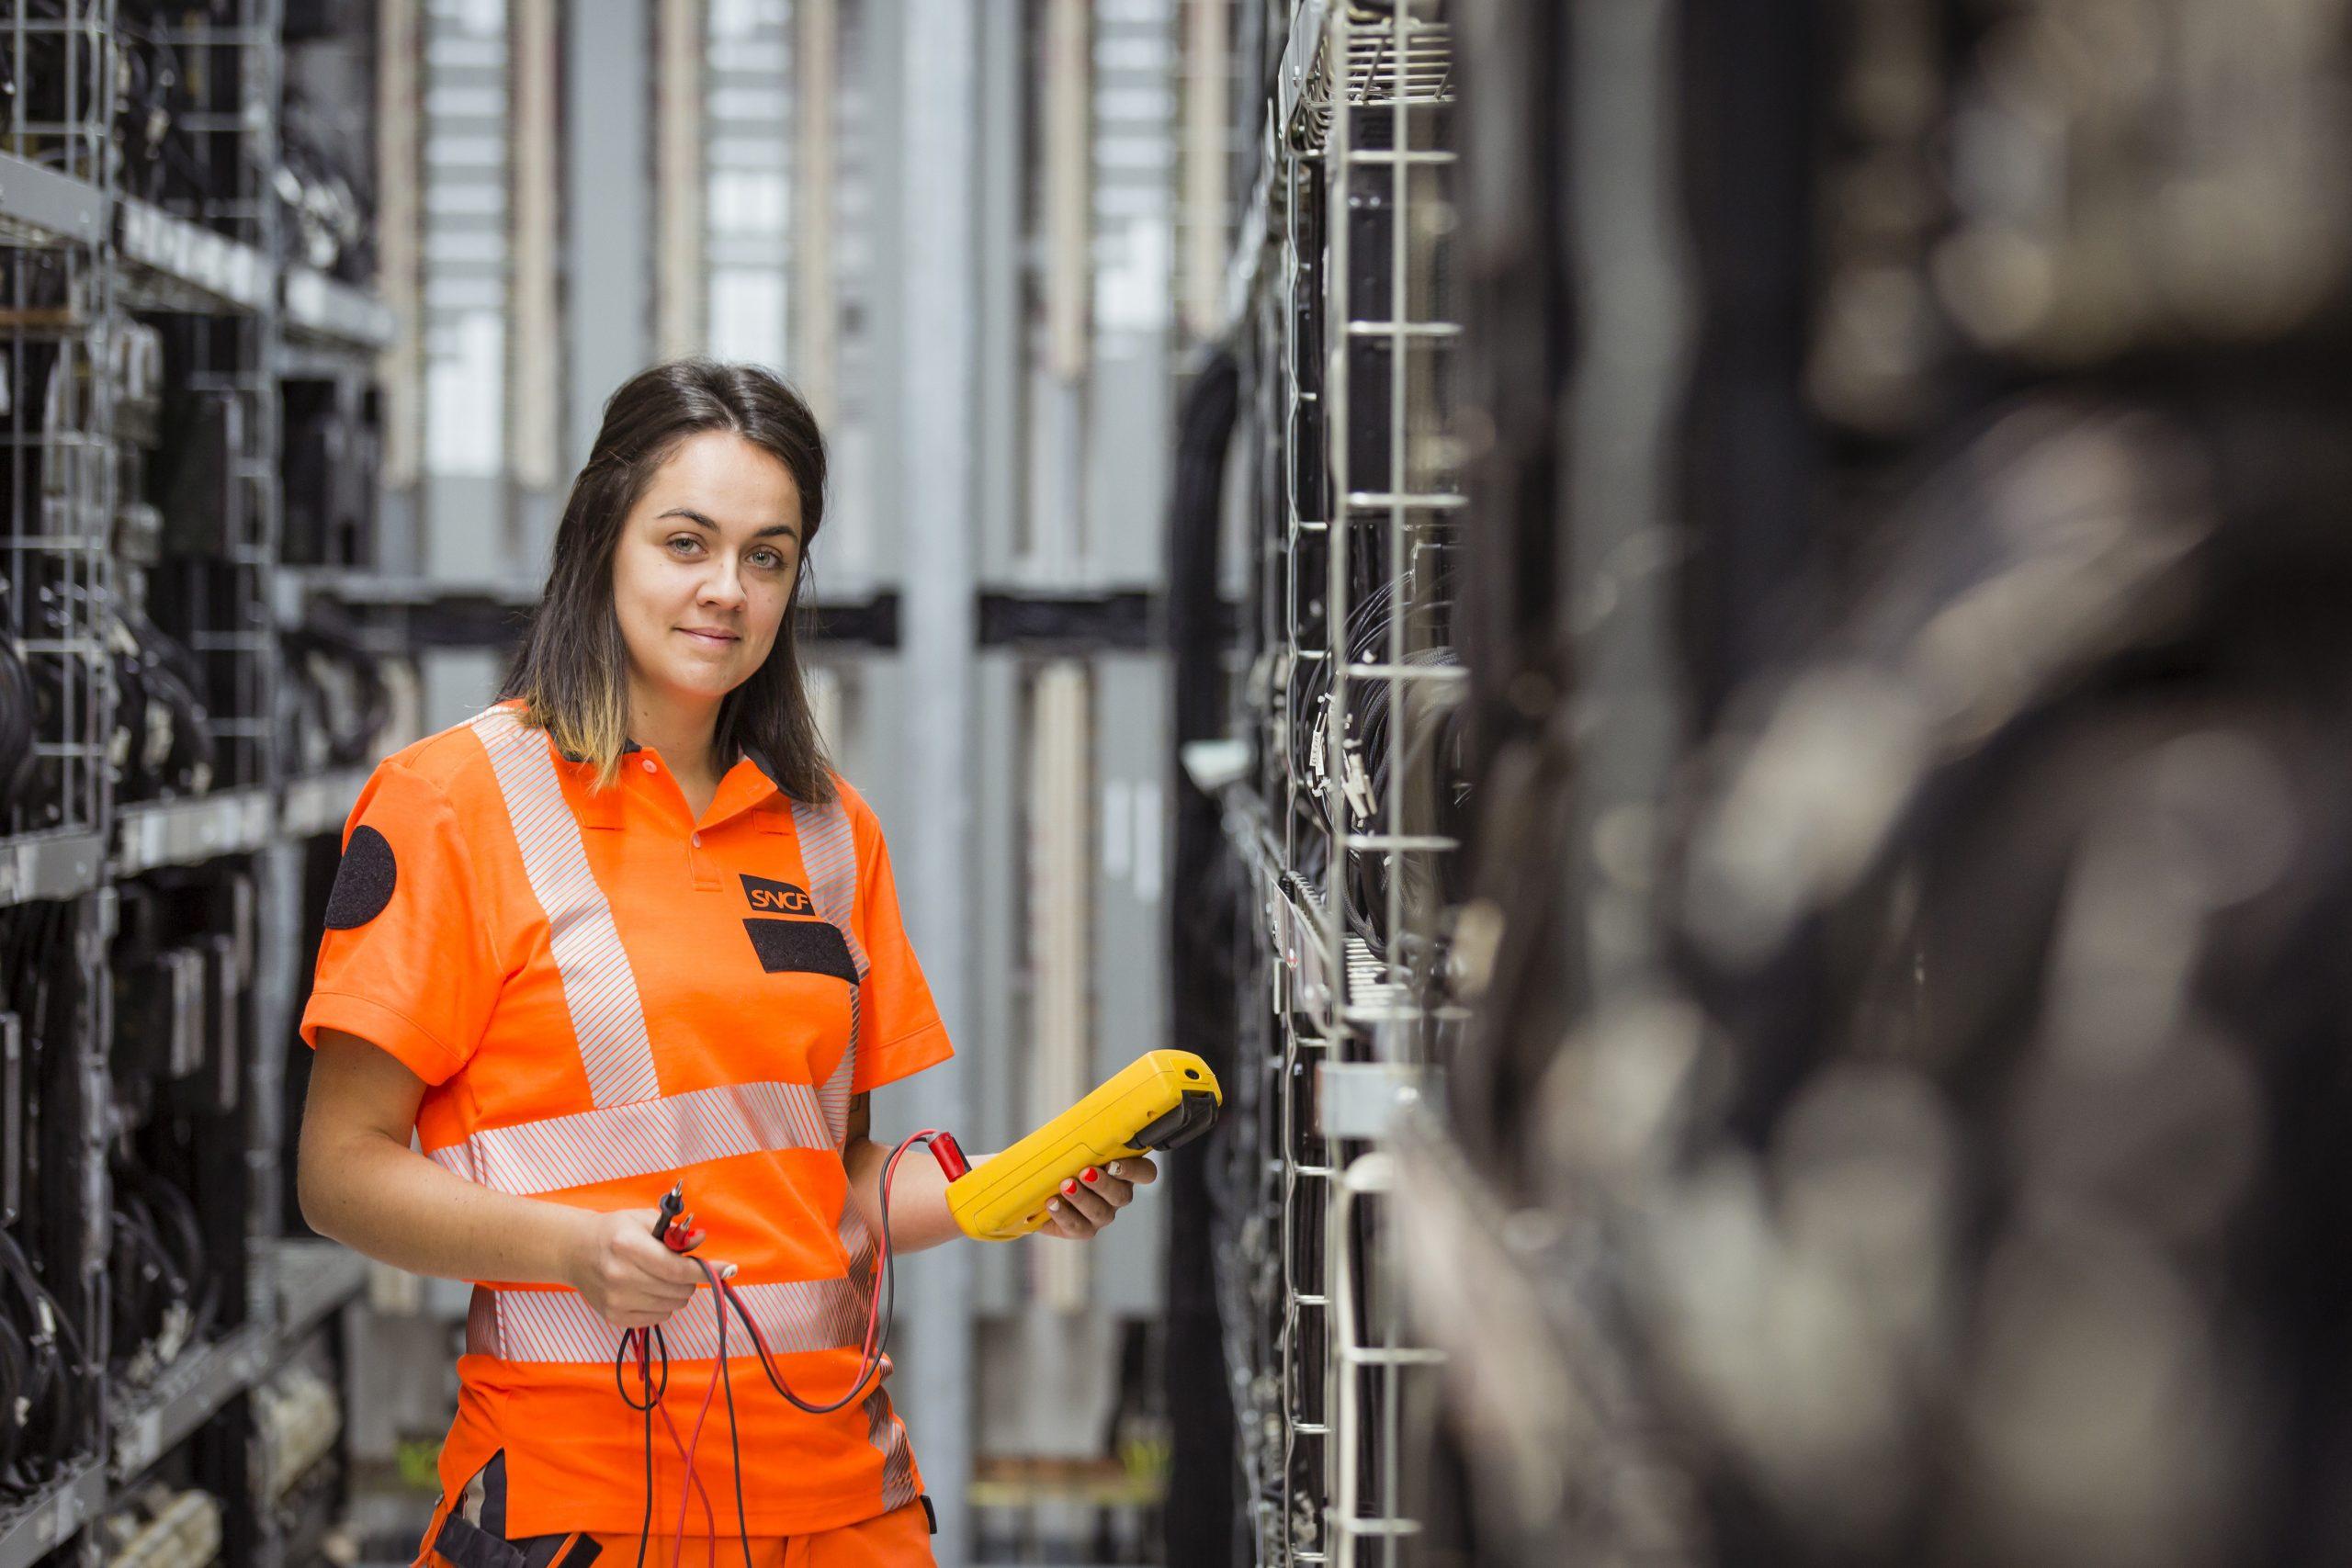 SNCF mène une politique RH active en faveur de la féminisation des métiers. Un 3ème accord a été signé avec les syndicats en 2015 en faveur de l'égalité professionnelle et de la mixité